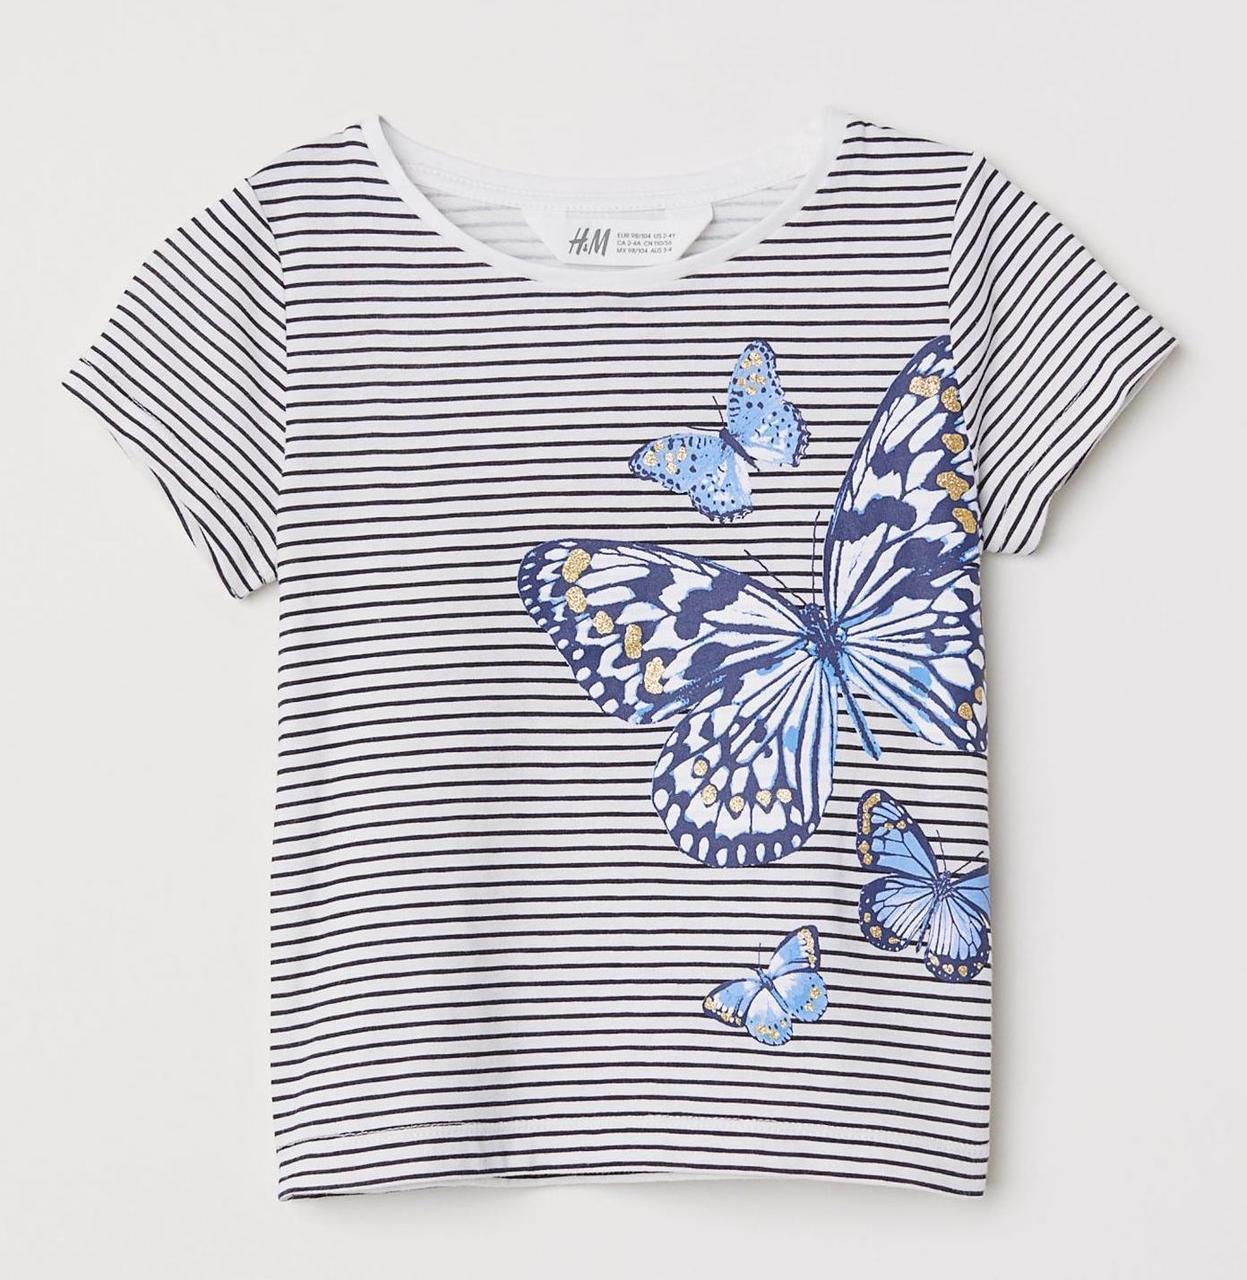 Летняя футболка на девочку 4-6 лет H&M Швеция Размер 110-116